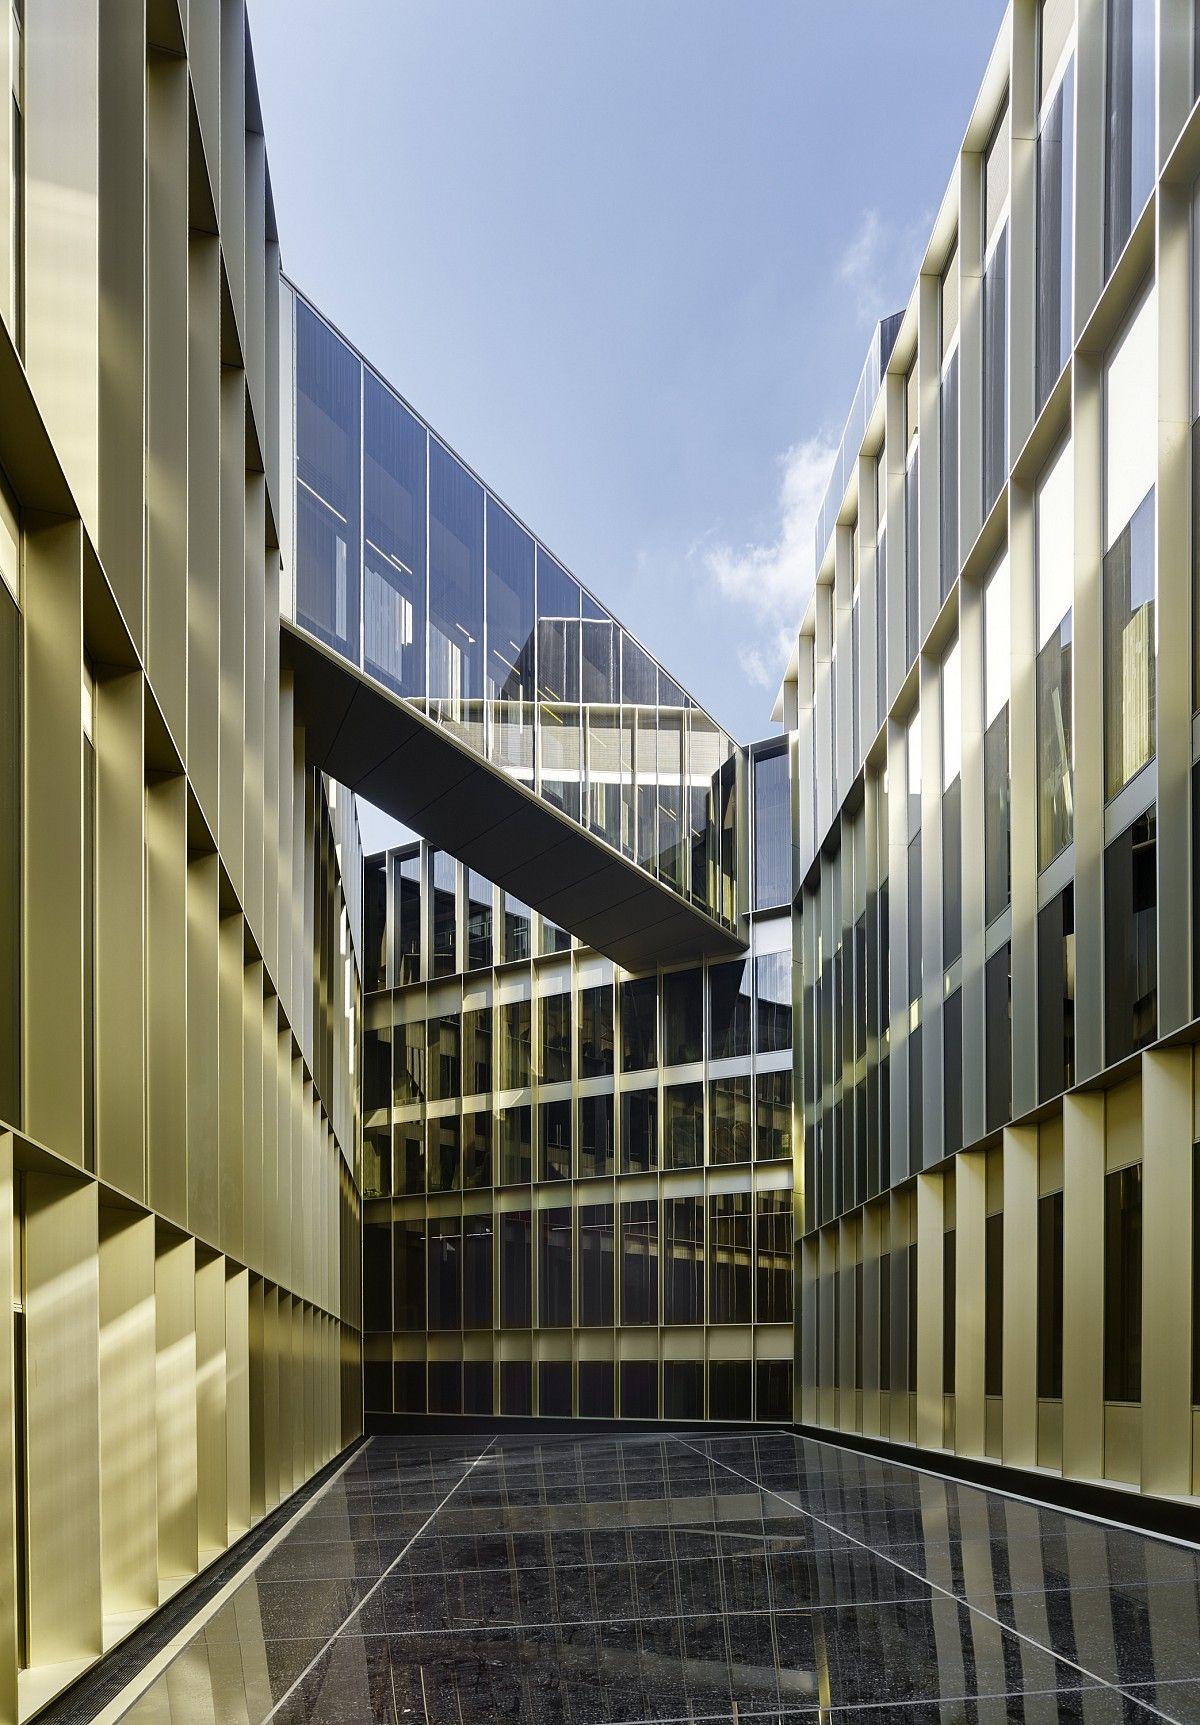 office facades. Facade Design Office Facades